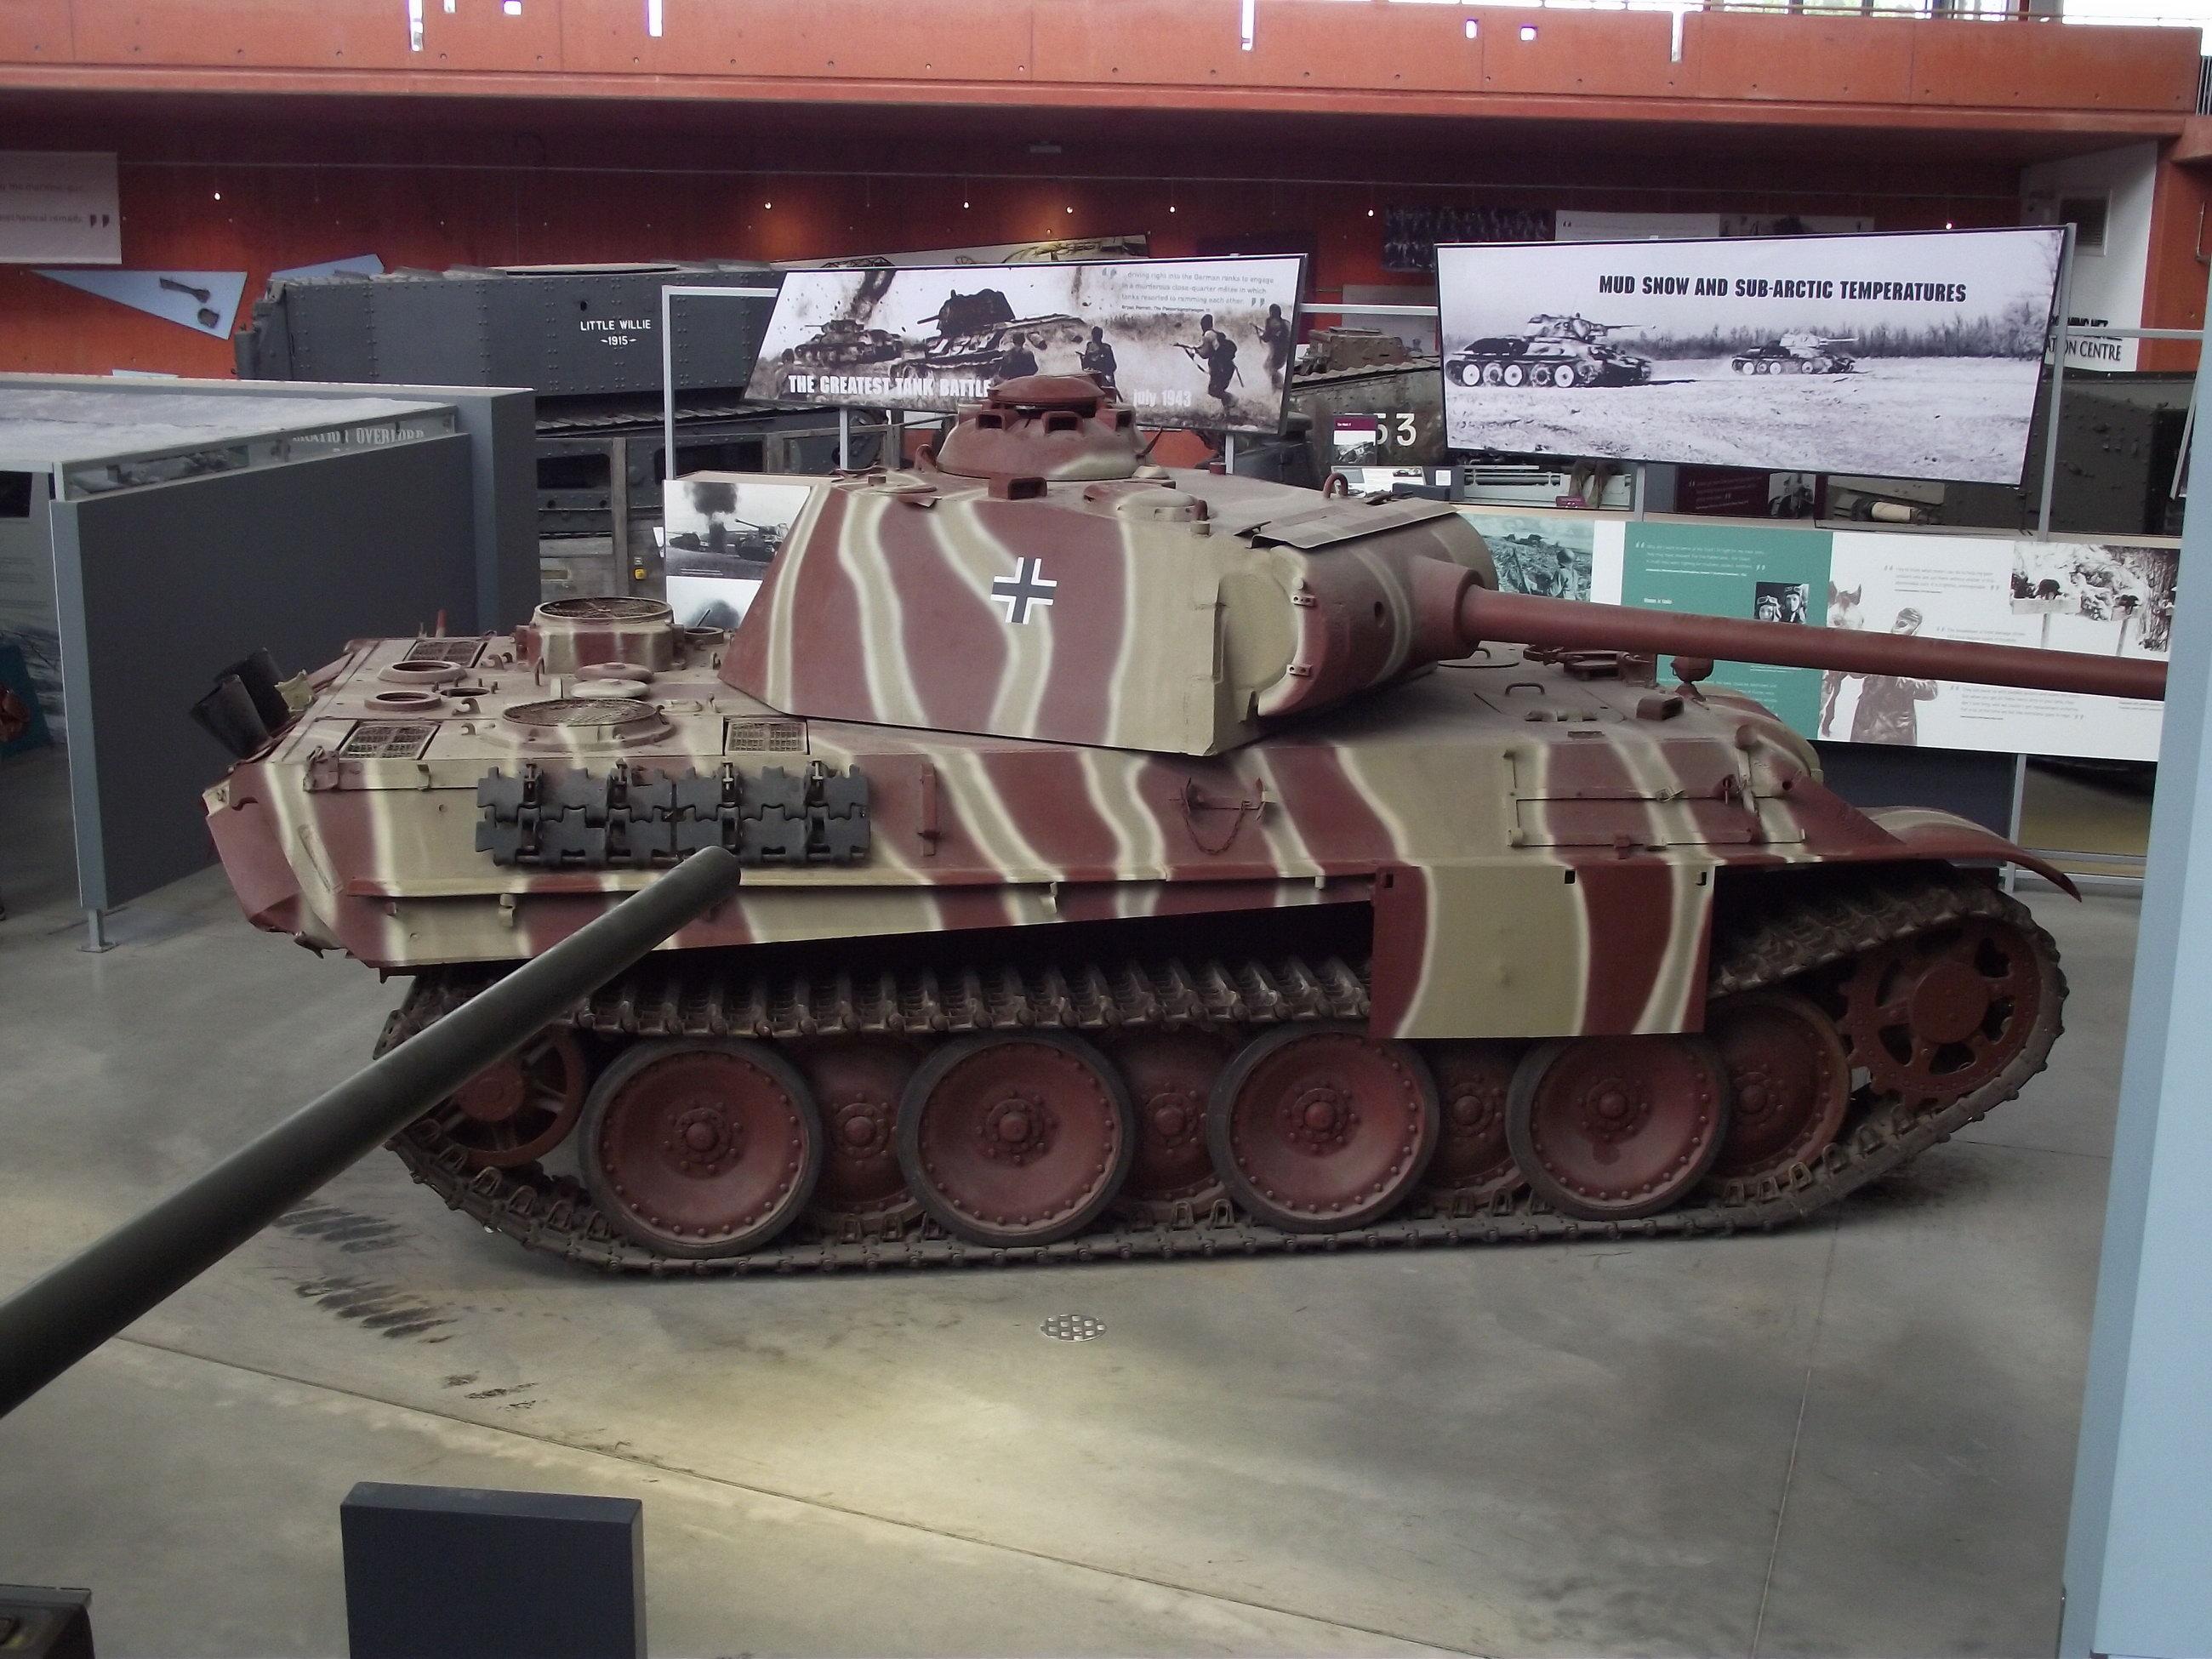 Tank_Museum_20180919_009.jpg